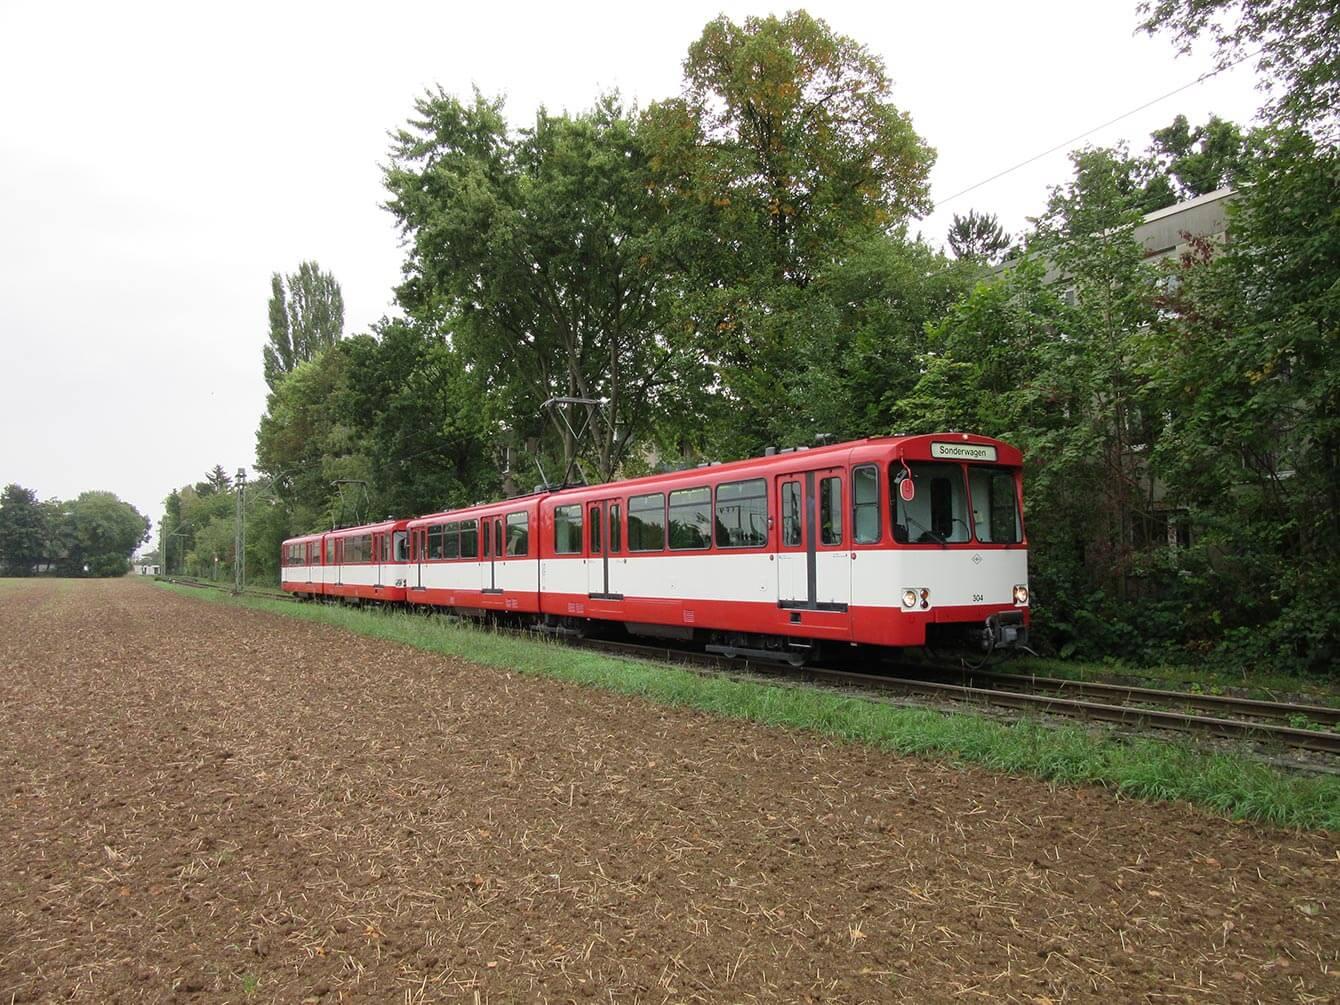 Sonderfahrt Rot-weiß Bahn auf einer Strecke vorbei am Acker und Bäumen